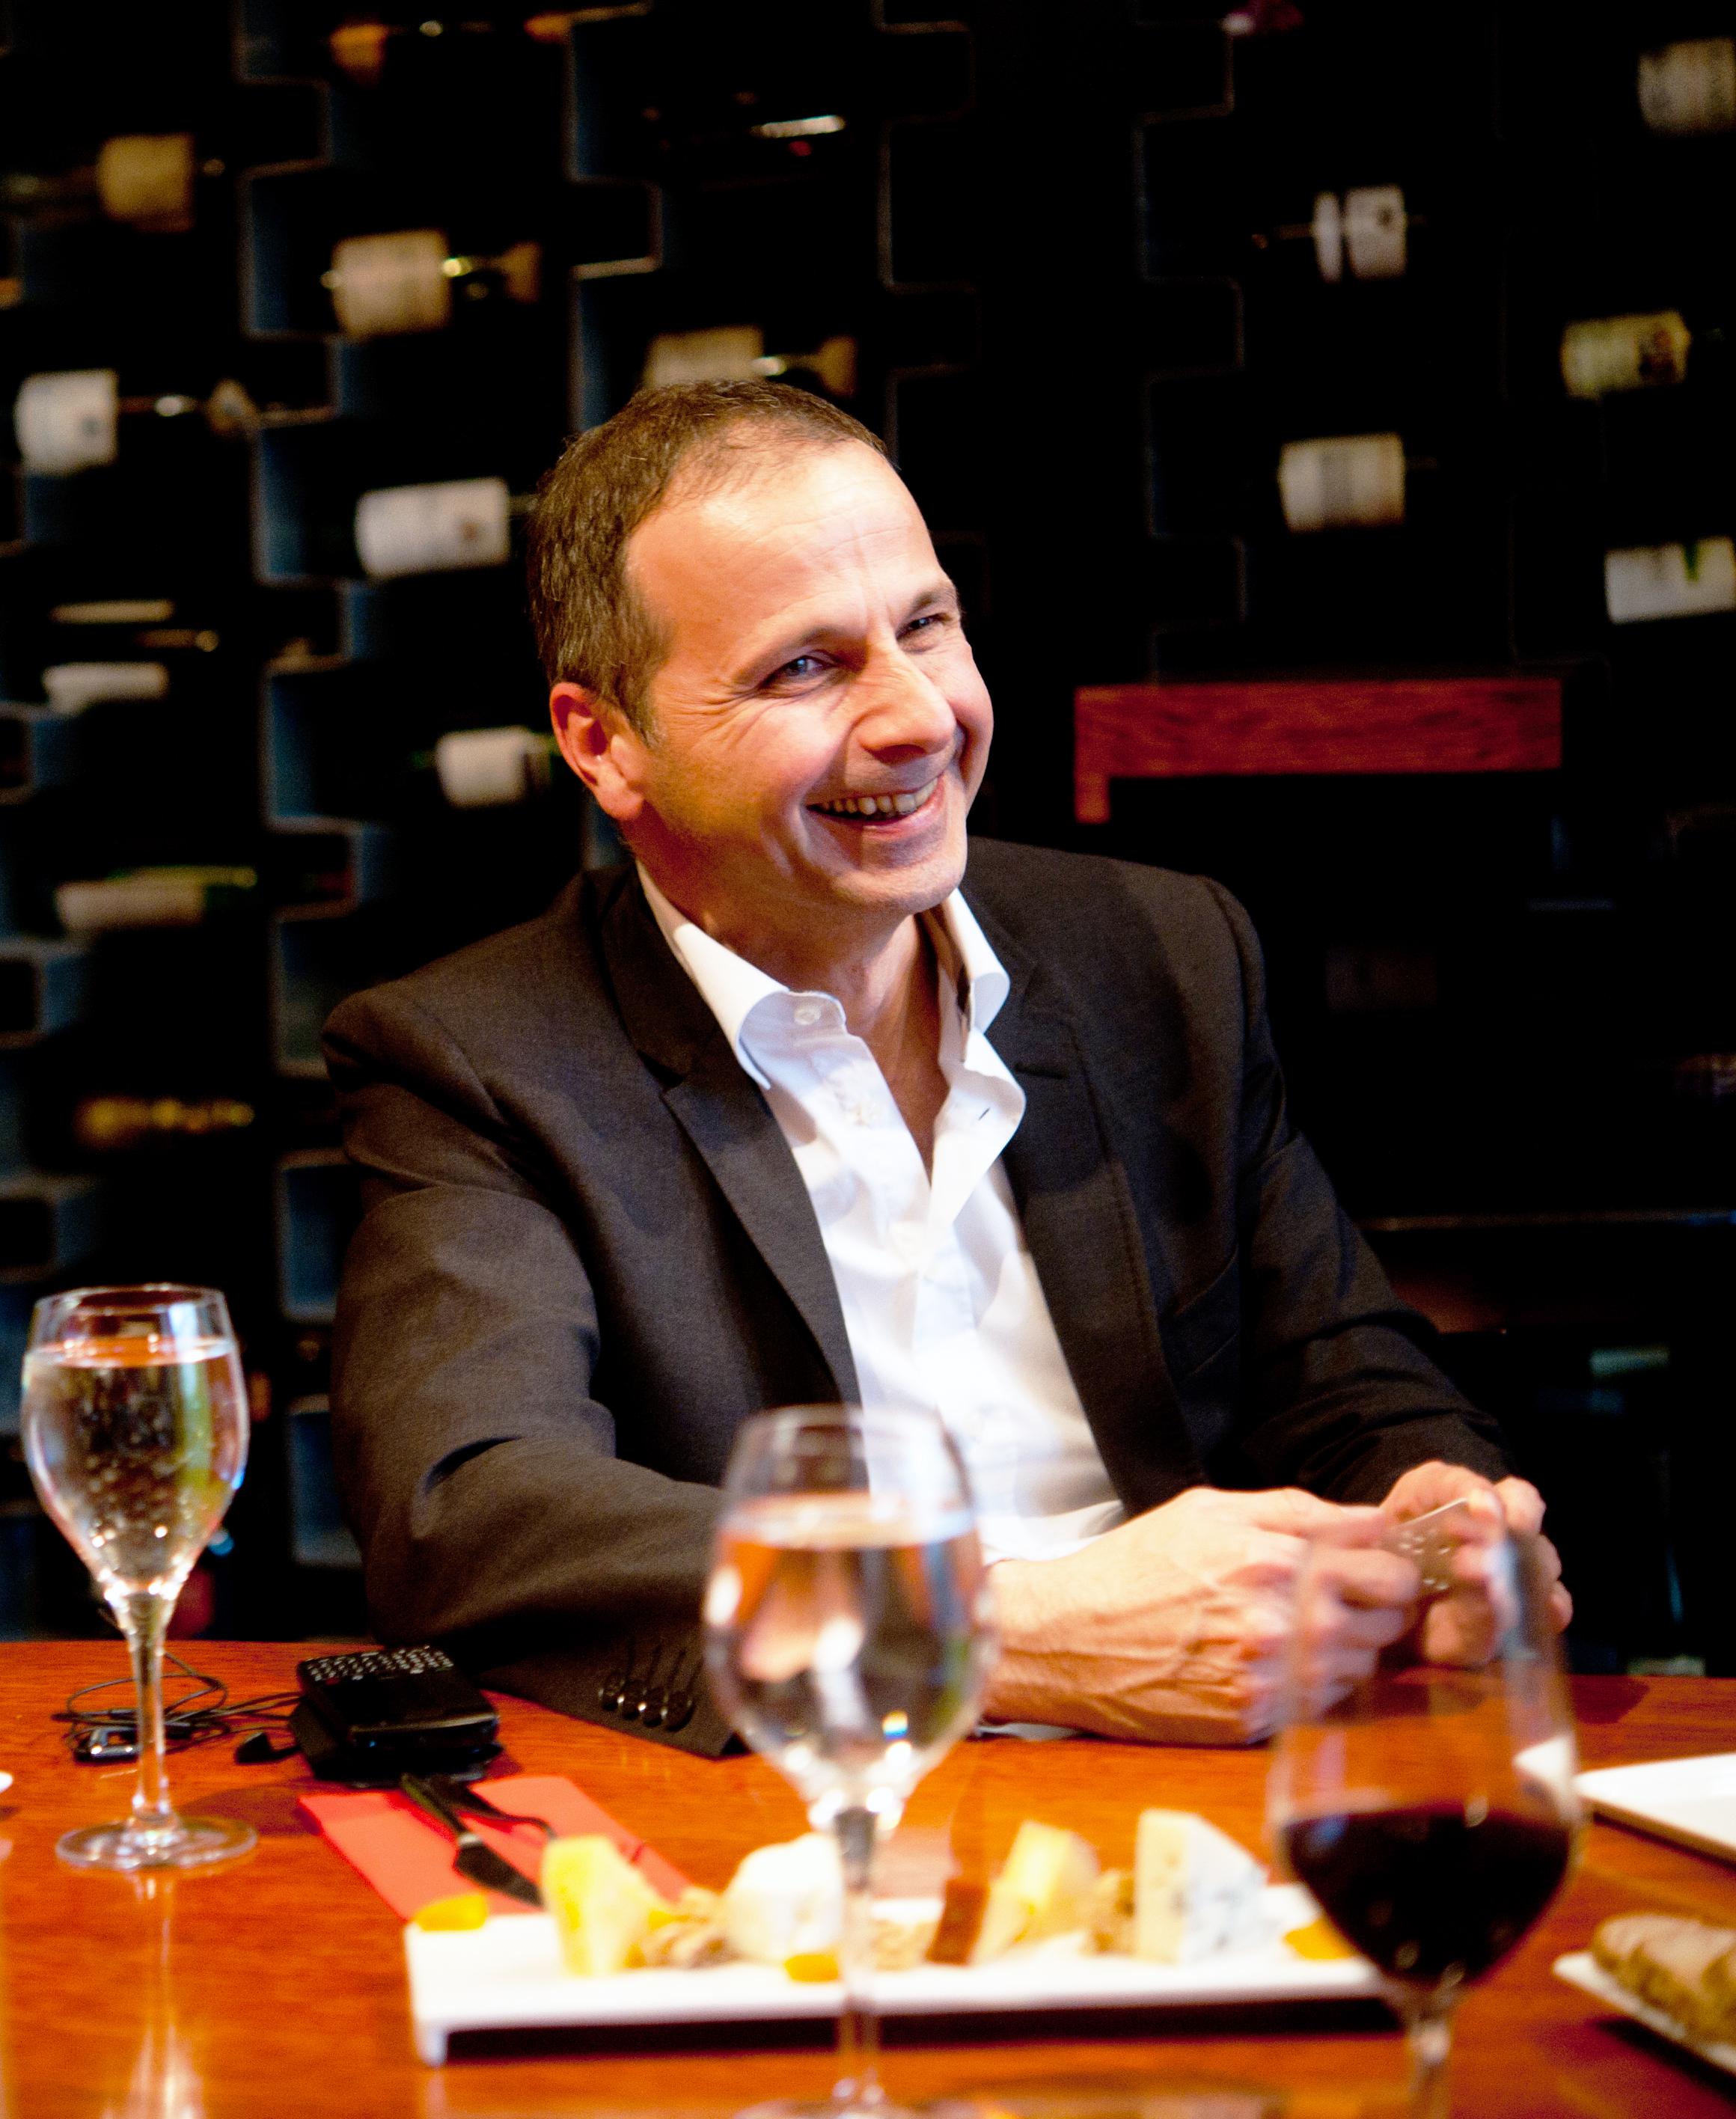 Bordo7da şato alan Kavaklıdere Şarapları'nın Murahhas Azası Ali Başman, bunun dünya  piyasası için bir atlama taşı olacağını söylüyor.